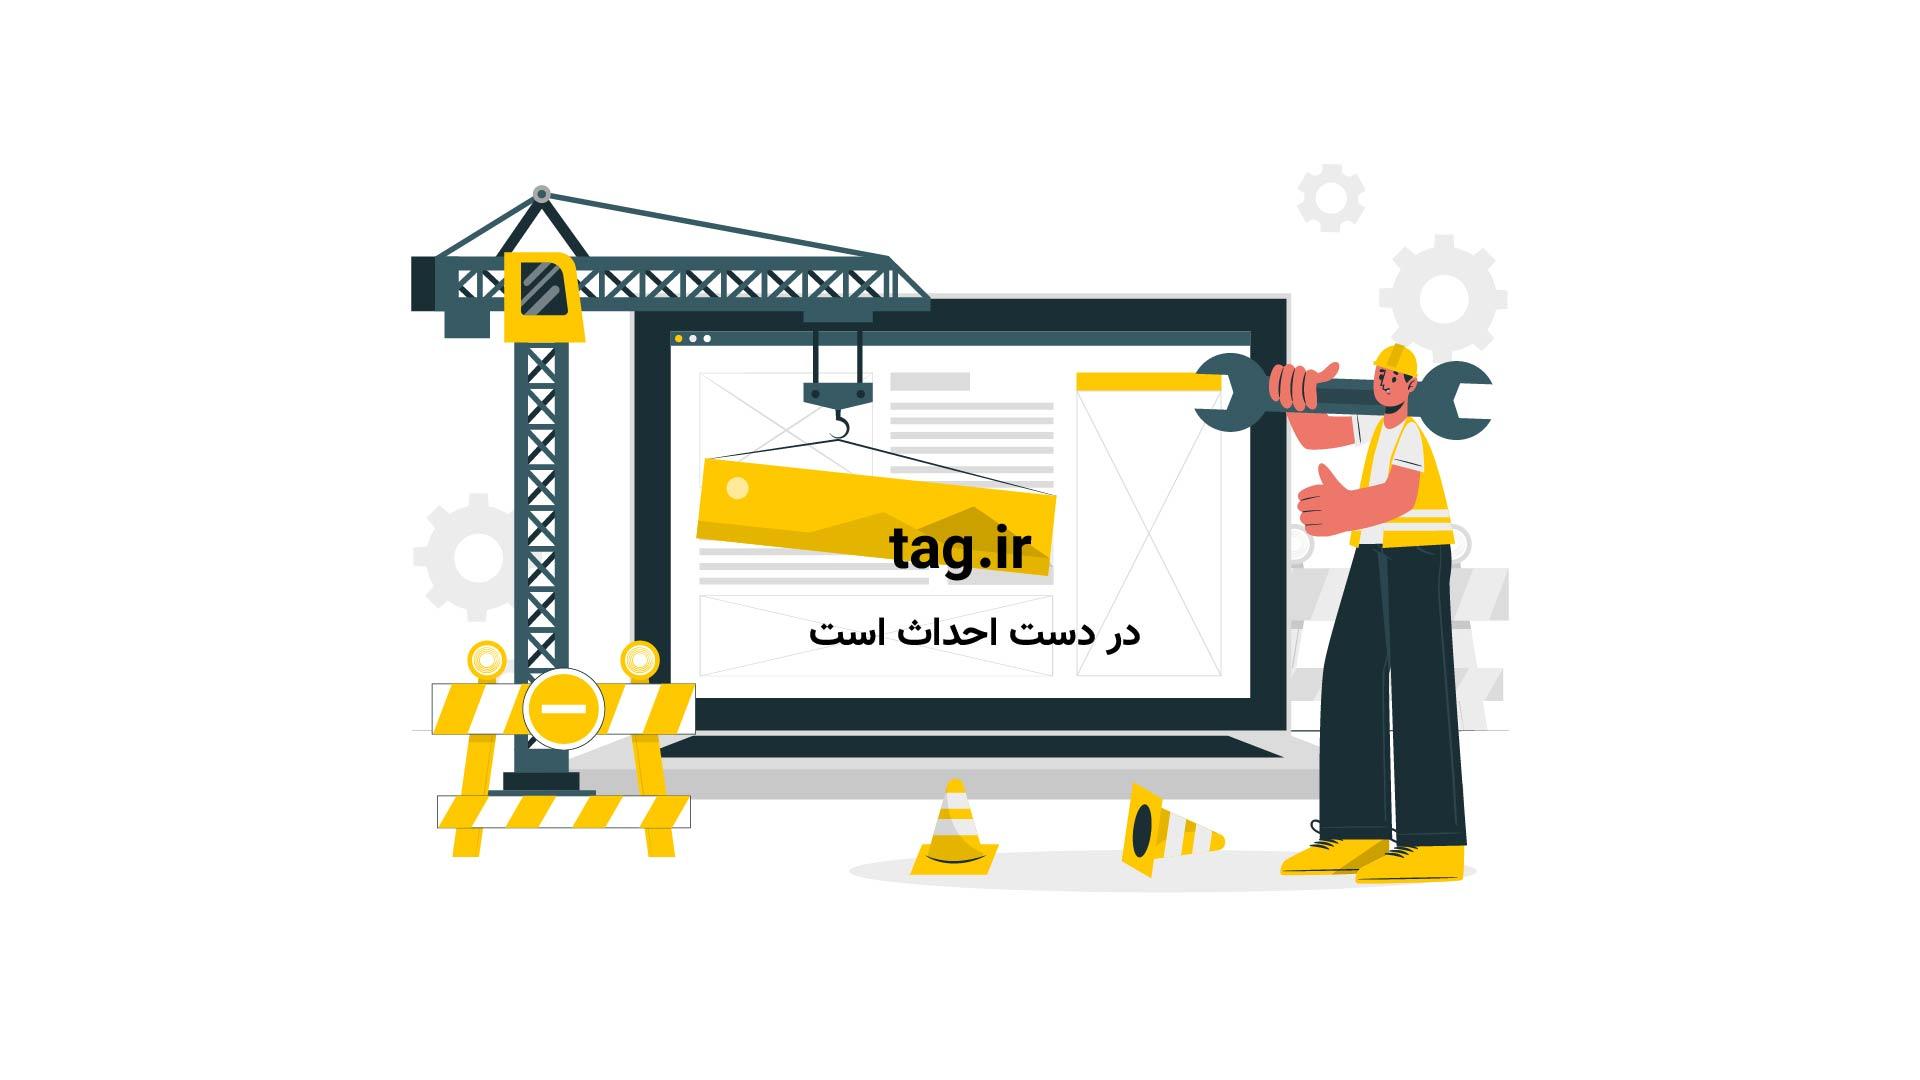 دیوار مجازی بزرگ برای بازی های کامپیوتر   فیلم